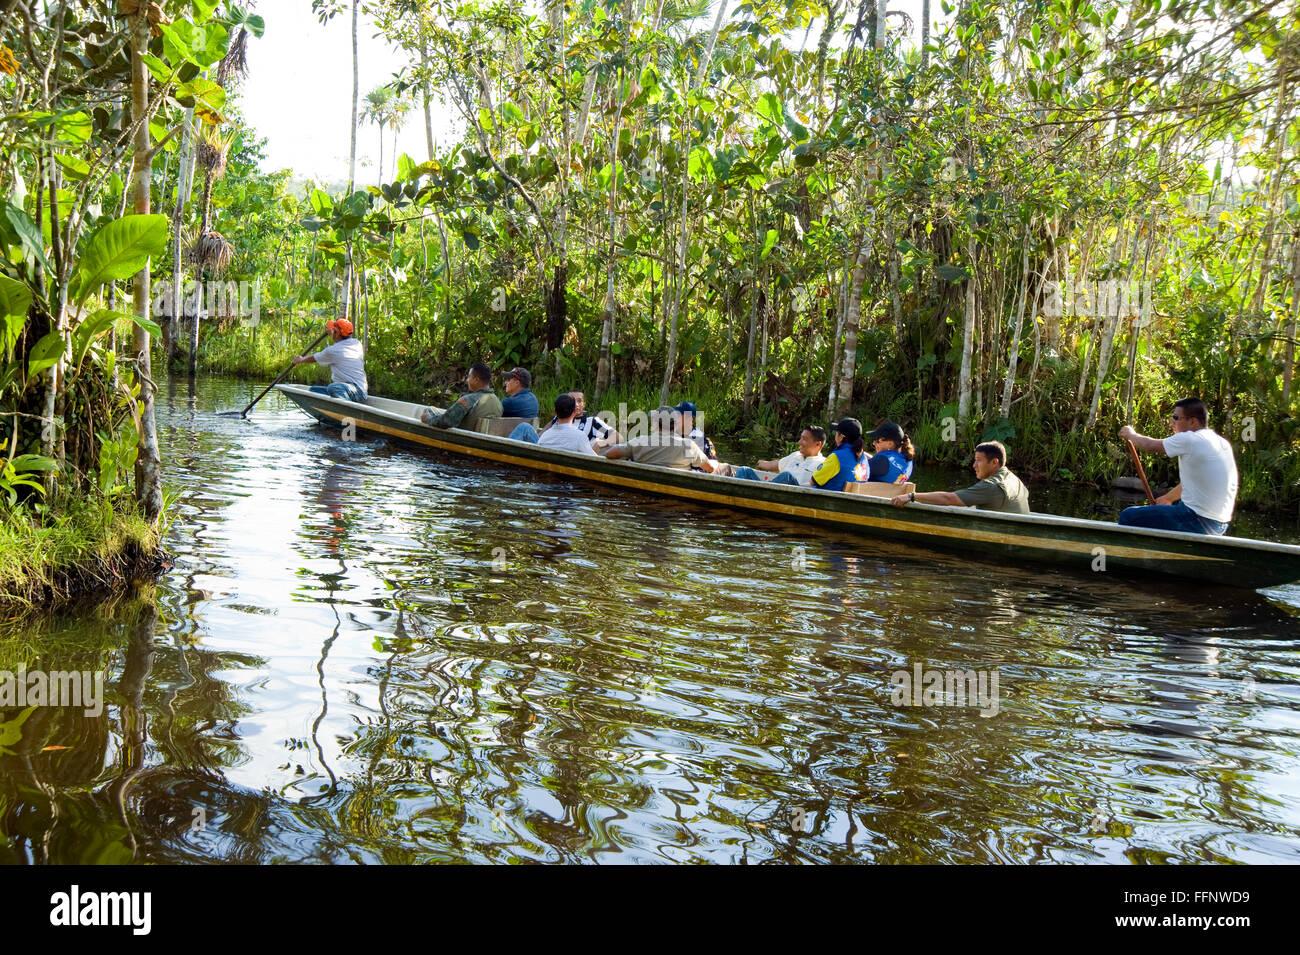 Barco con visitantes recorriendo el río Amazonas en Ecuador Imagen De Stock